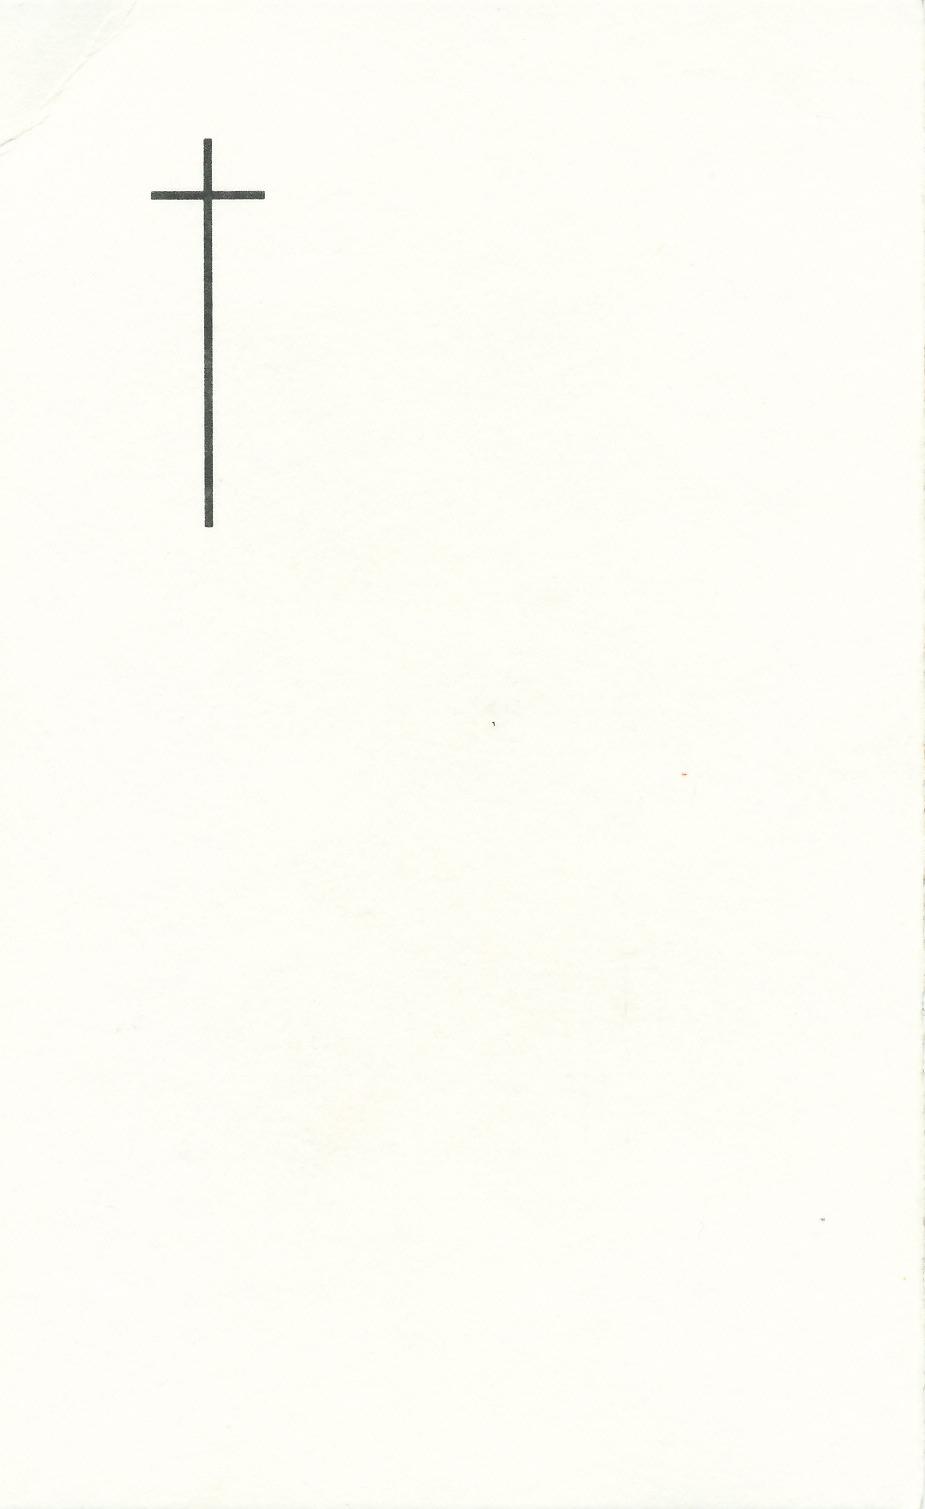 Totenbildchen von Bidprentjesverzameling Stichting De Oude Schoenendoos - Met veel scans aus der Totenbildchensammlung von Stichting De Oude Schoenendoos